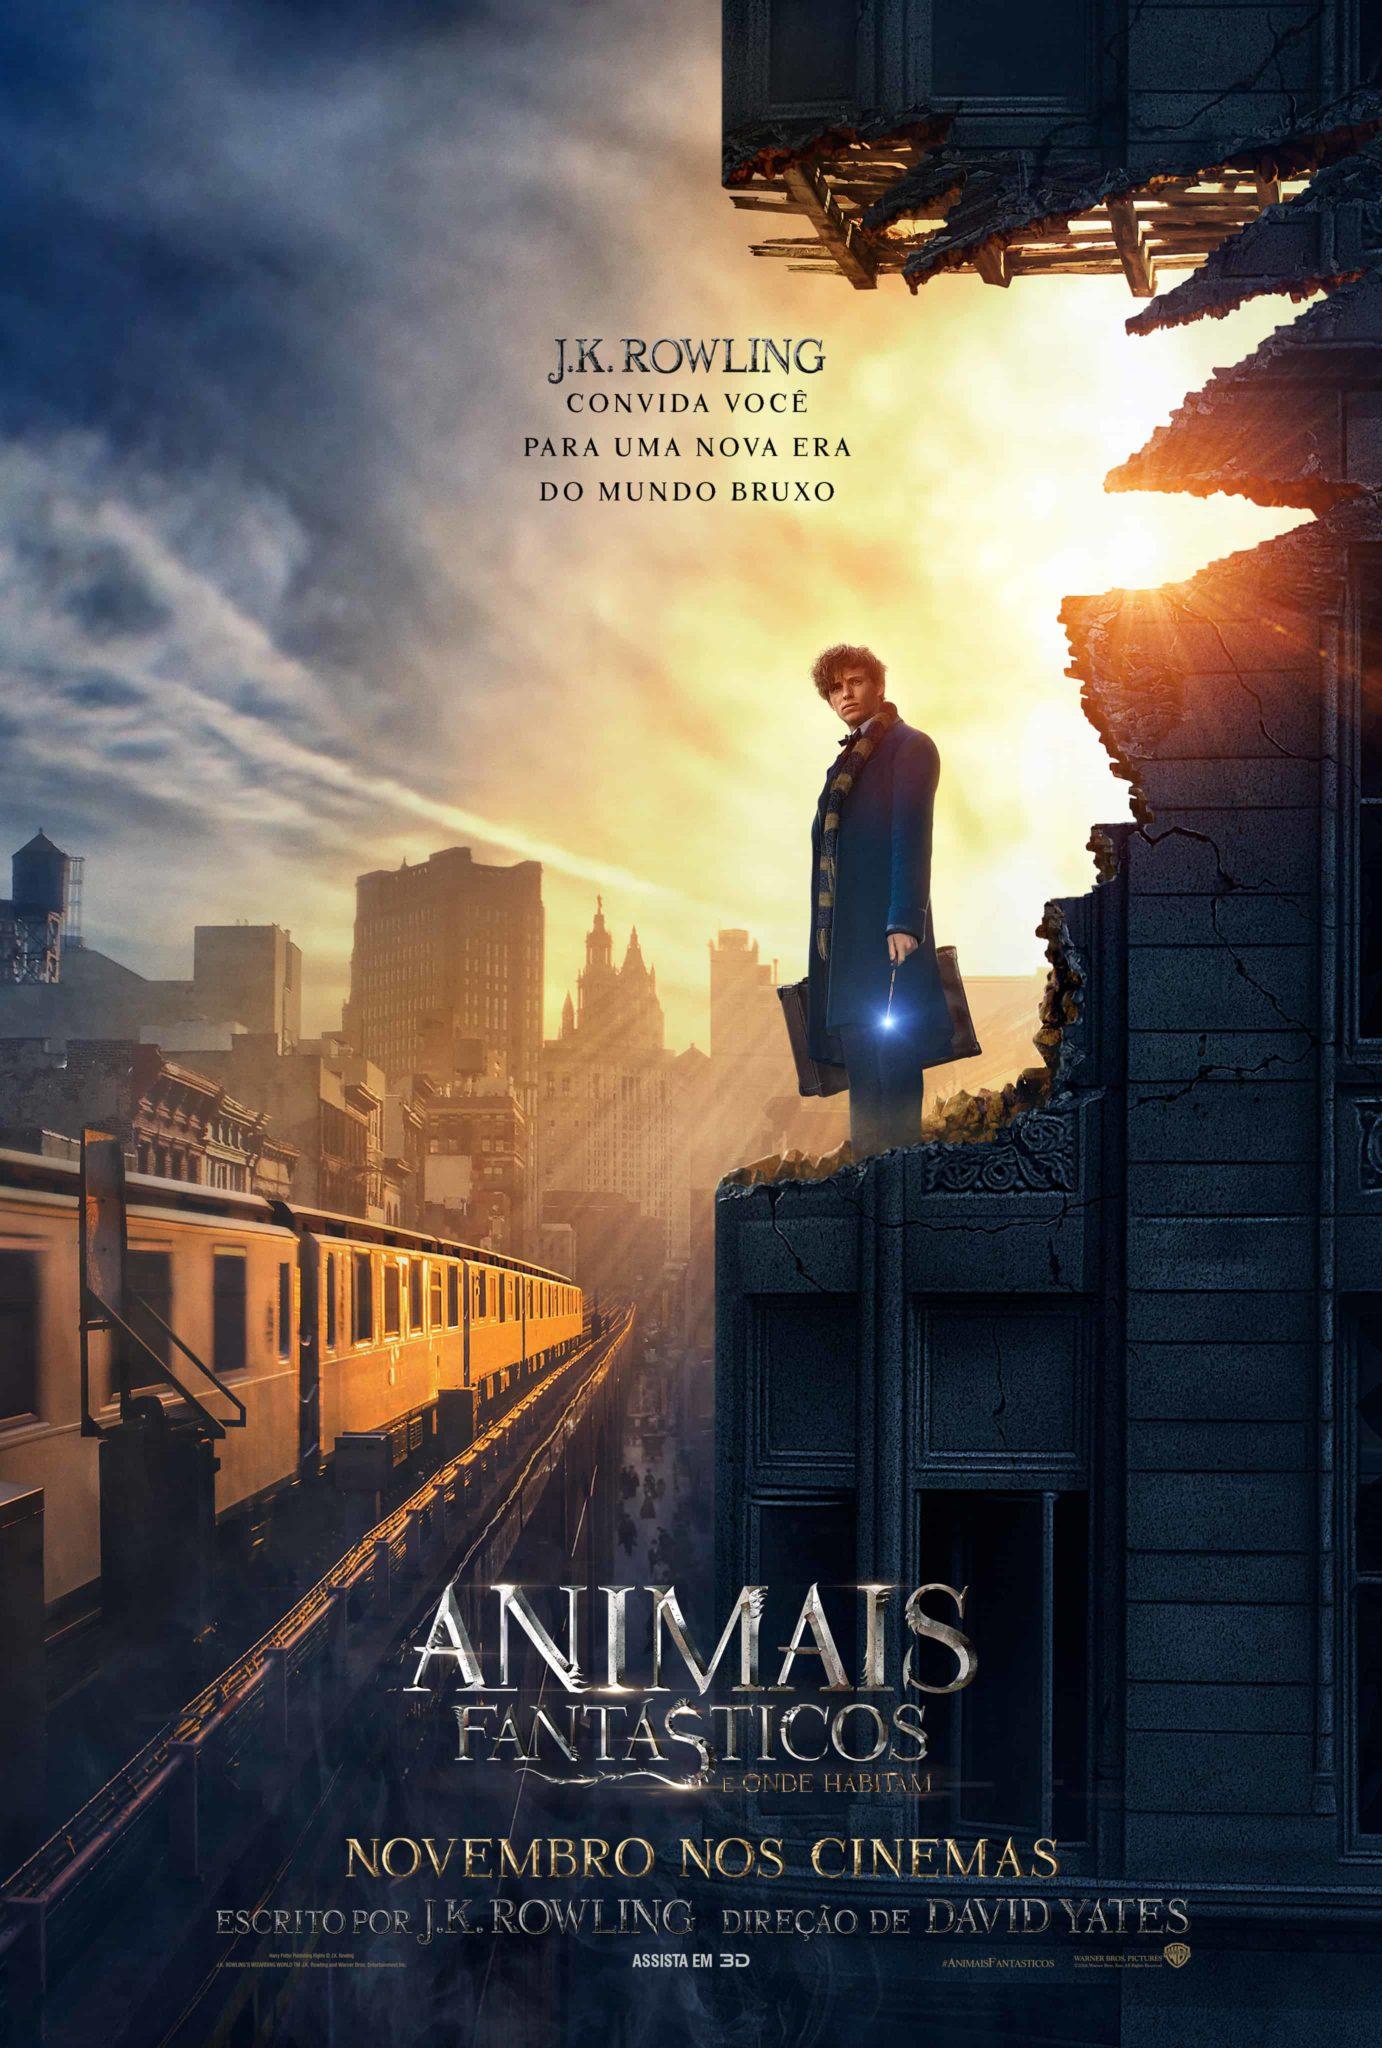 Animais Fantasticos - Newt